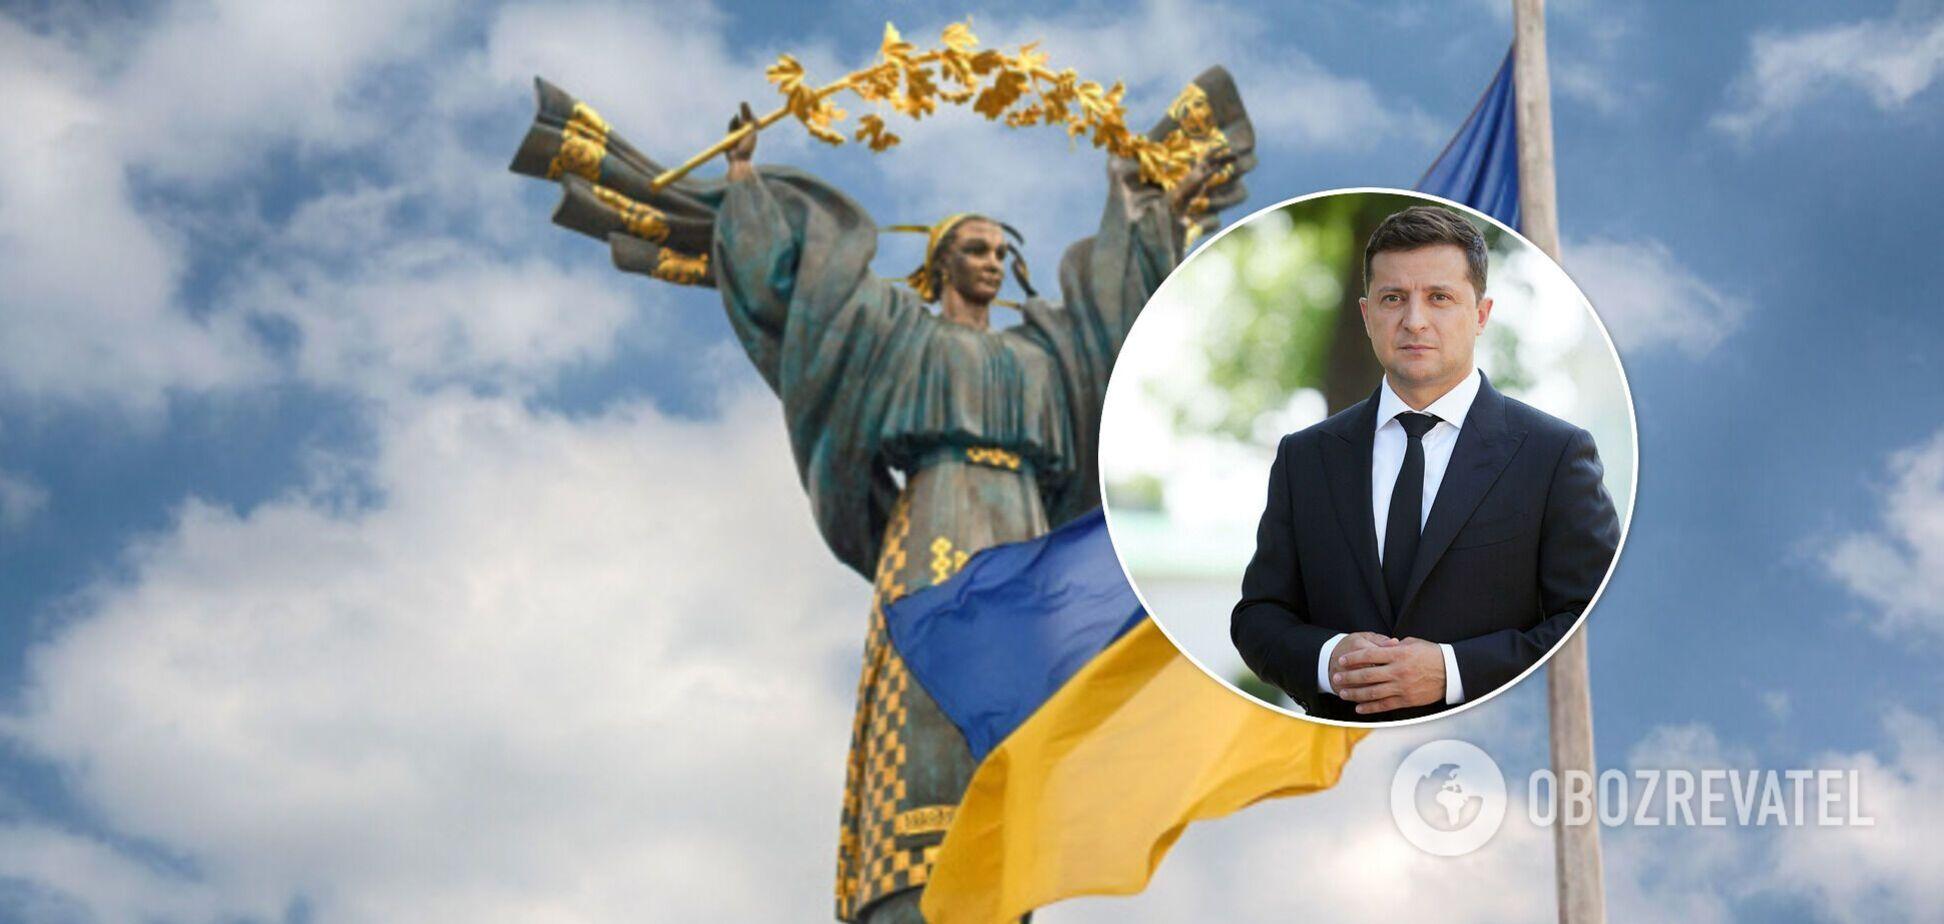 Как Украина будет праздновать День Независимости: Зеленский презентовал план